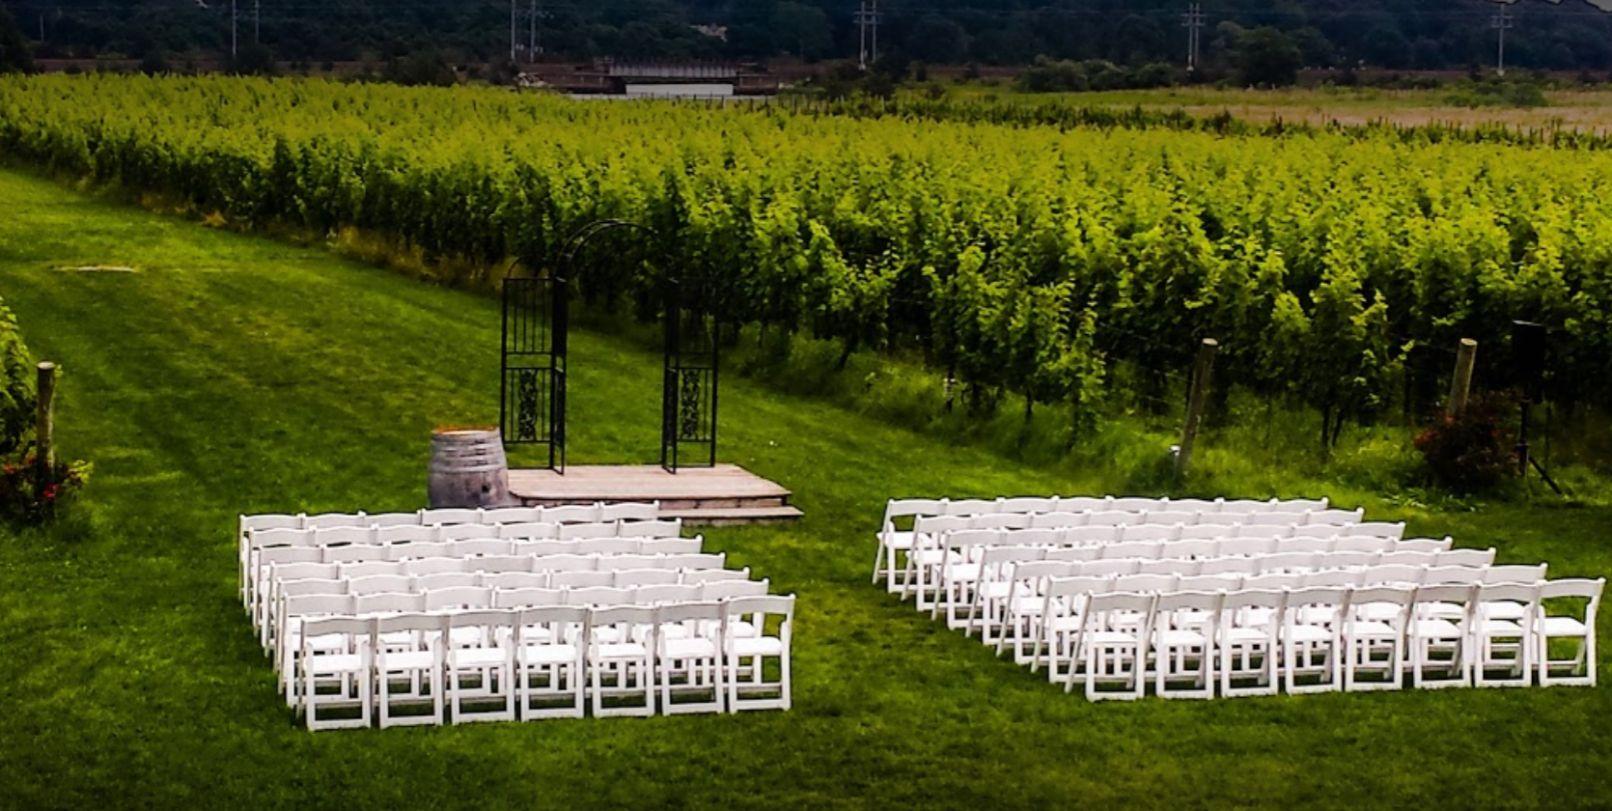 Saltwater Farm Vineyard Unique Wedding Venues in CT